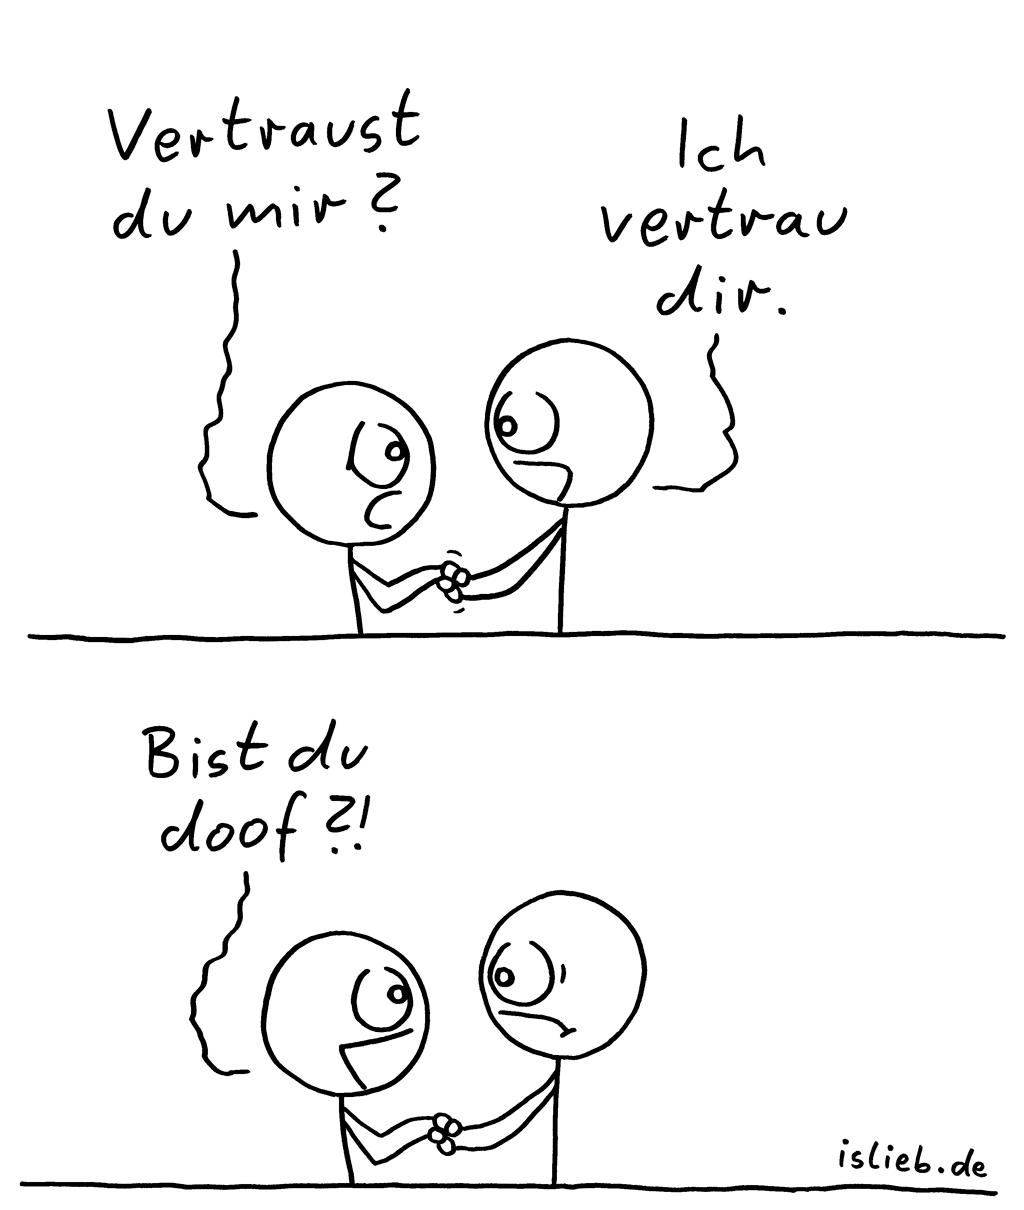 Vertrauen | Freundschafts-Cartoon | is lieb? | Vertraust du mir? Ich vertraue dir. Bist du doof?